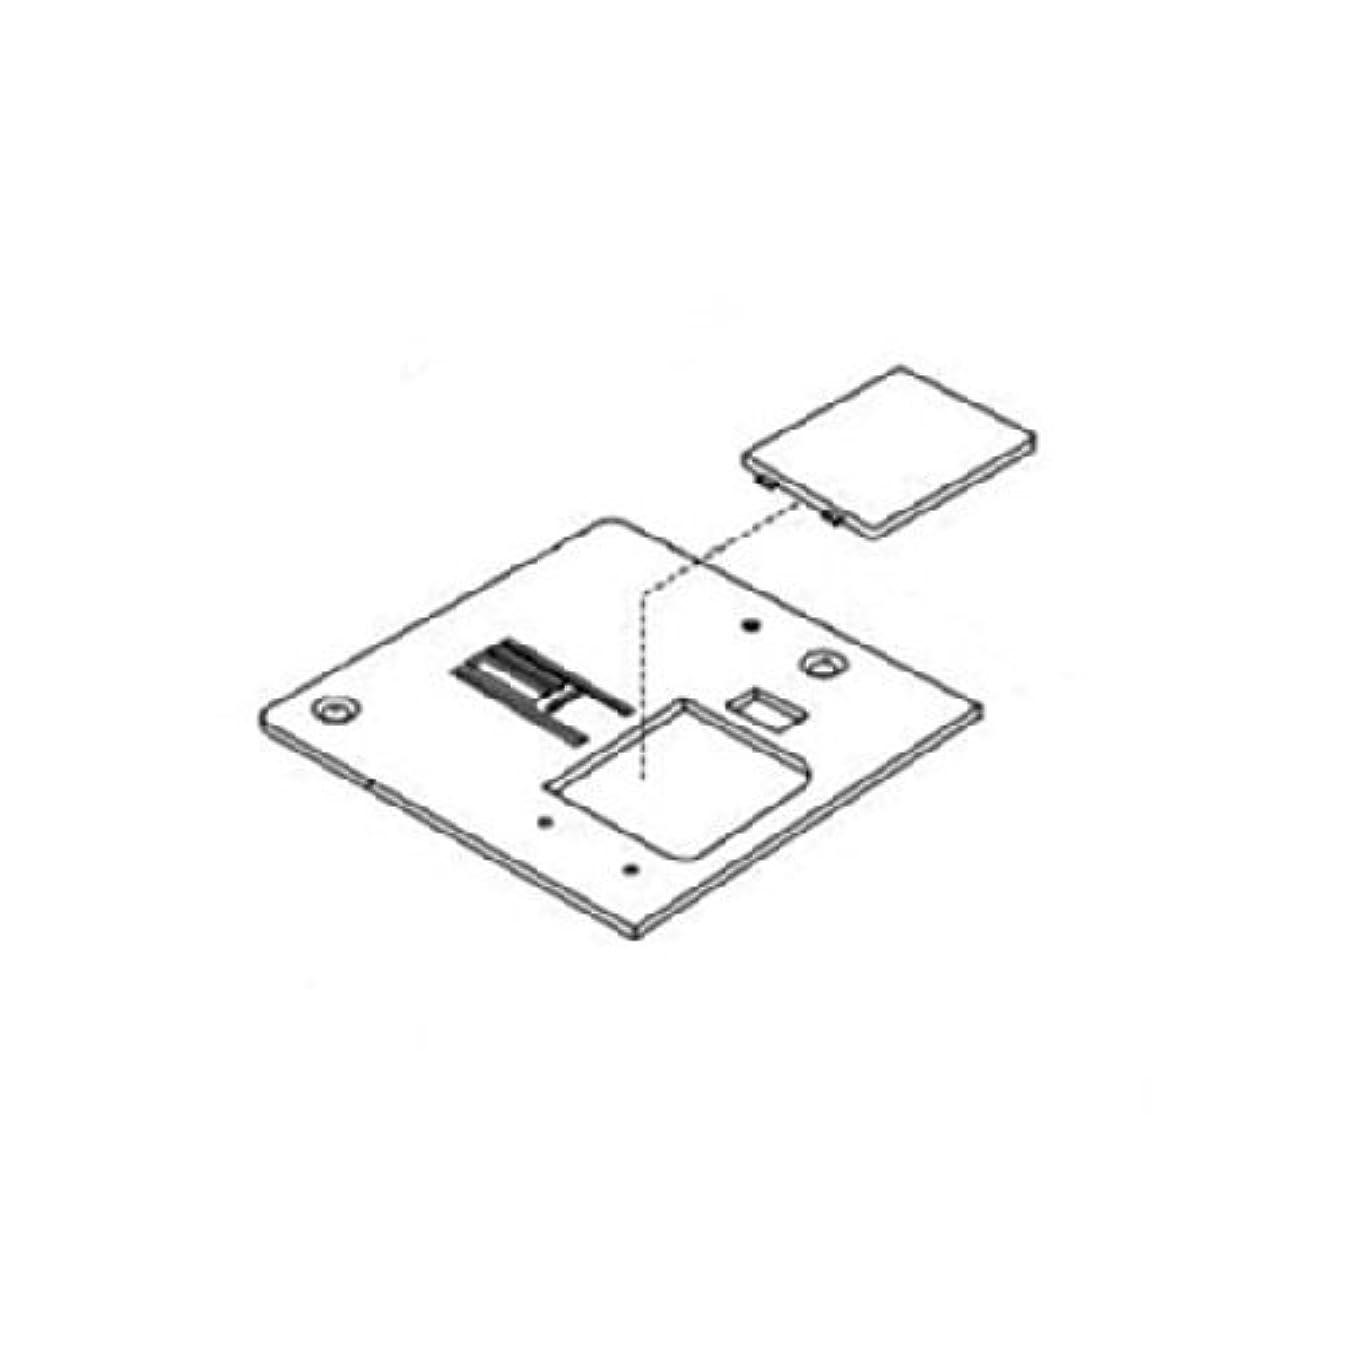 Janome Clear Plastic Bobbin Cover for Sew Mini & Sew Petite